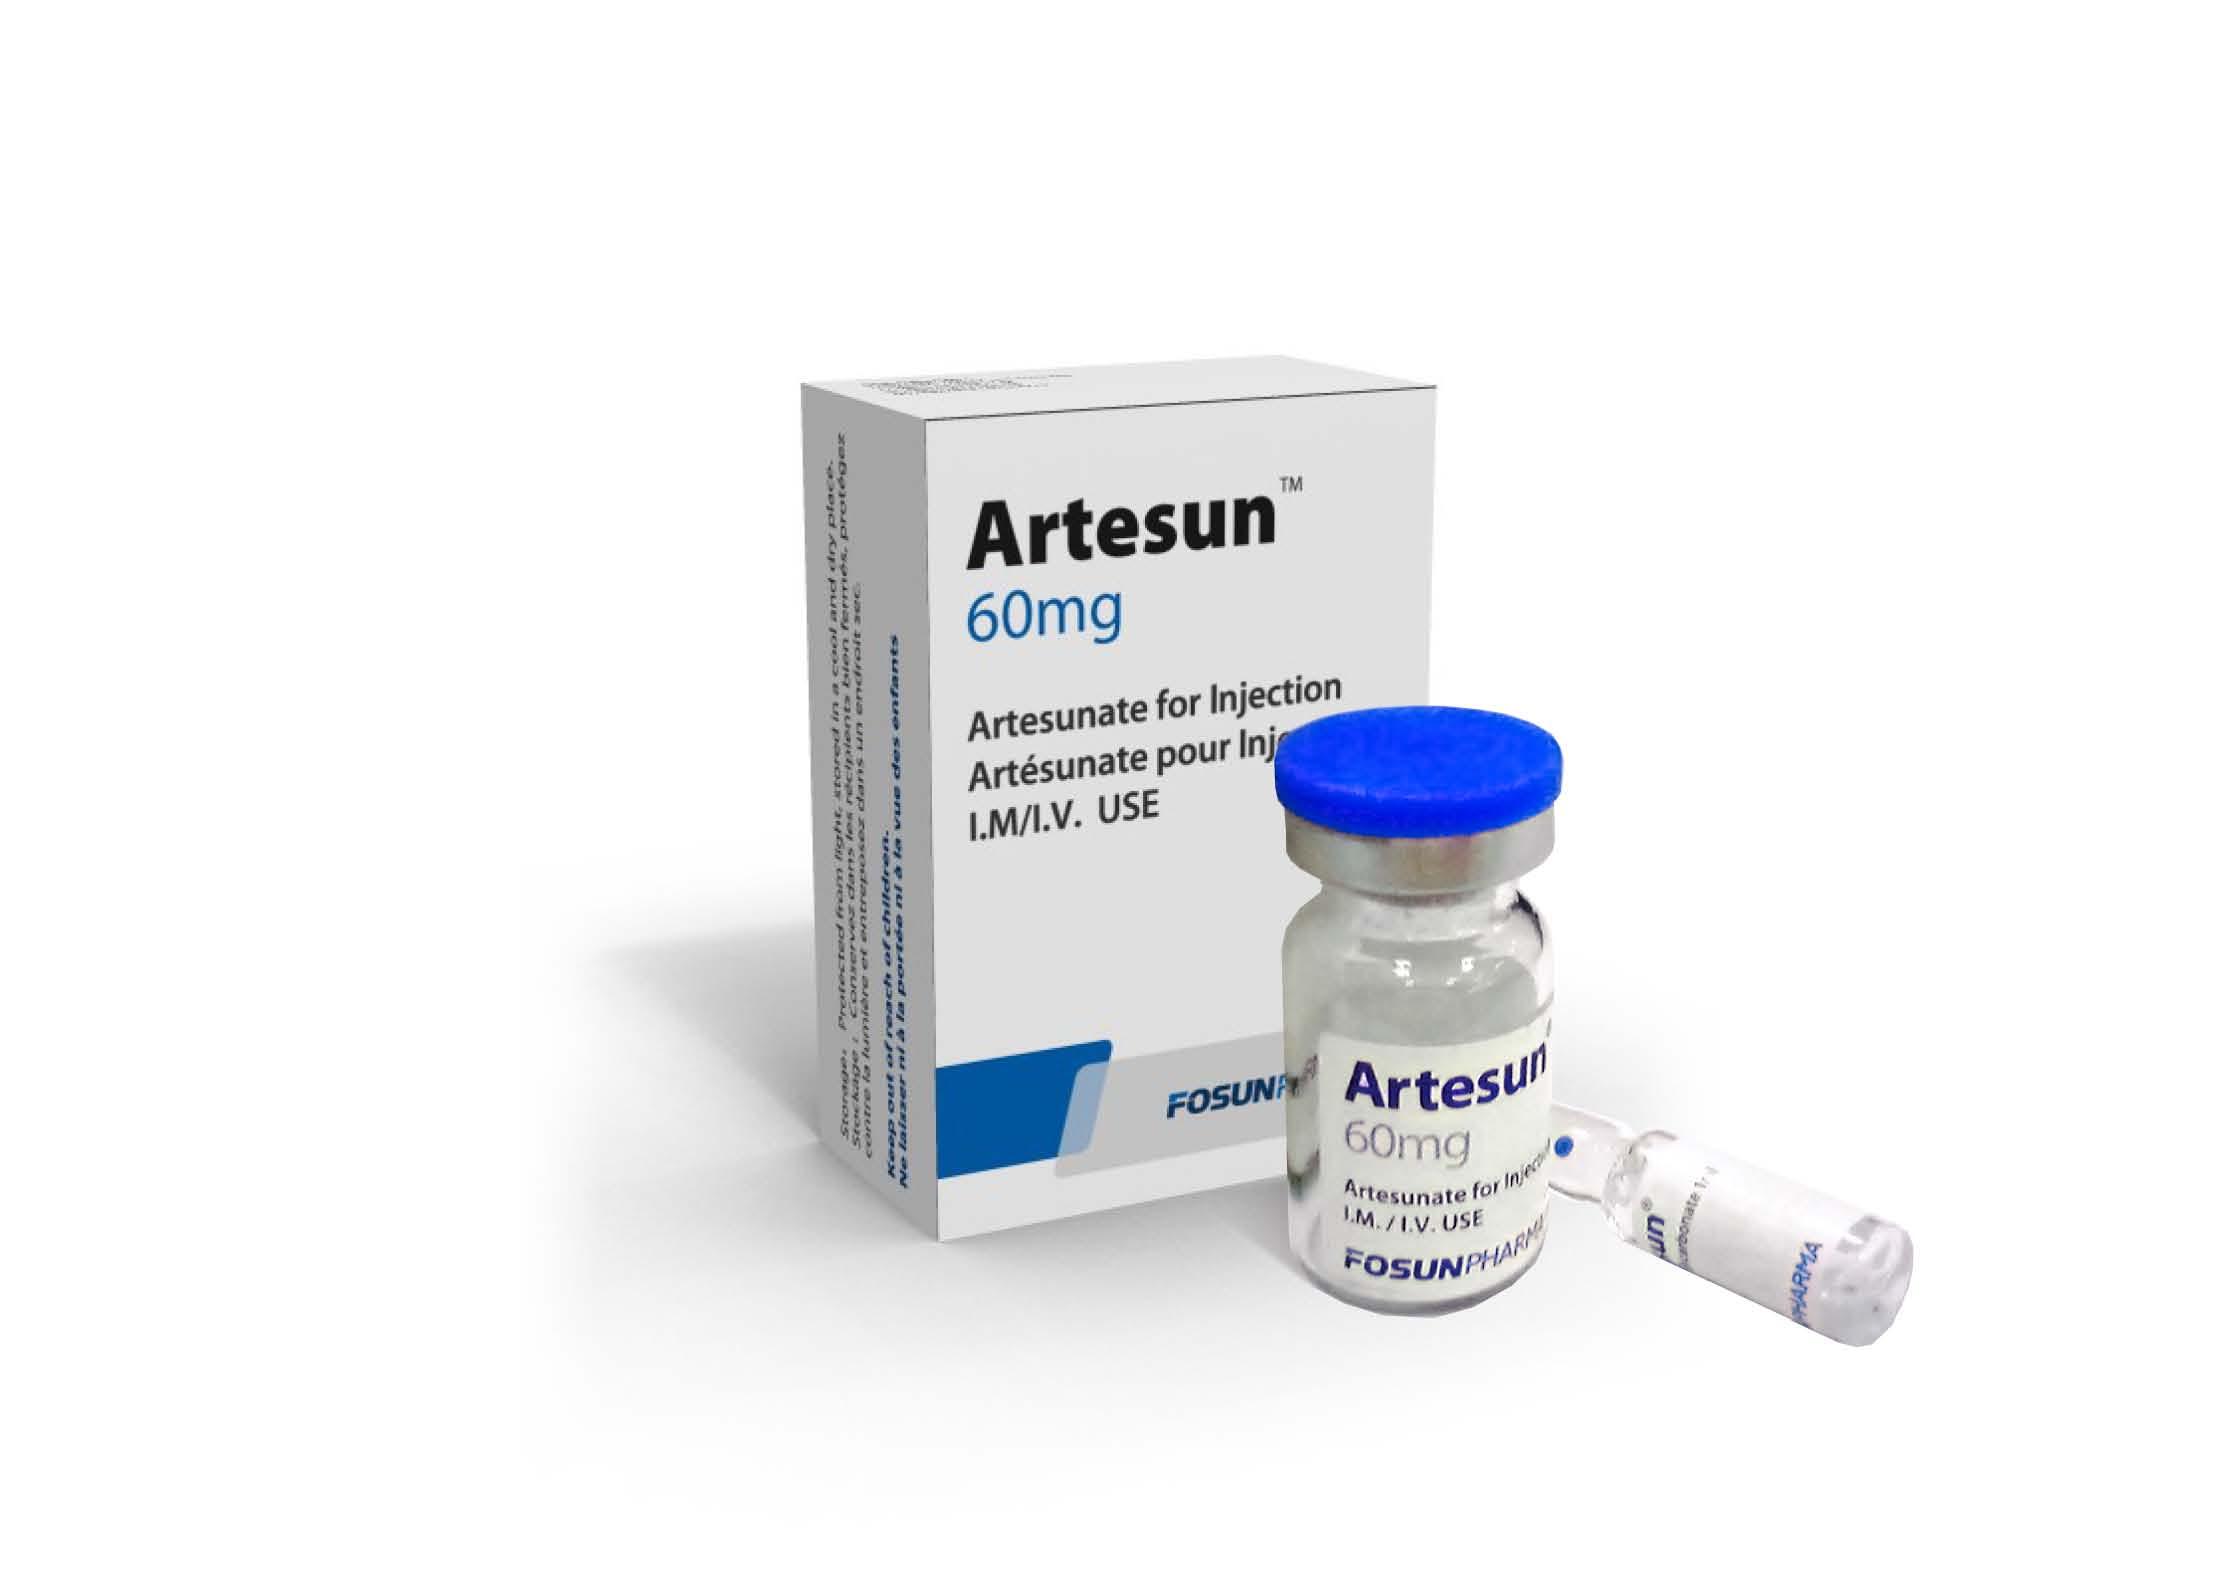 Artesun